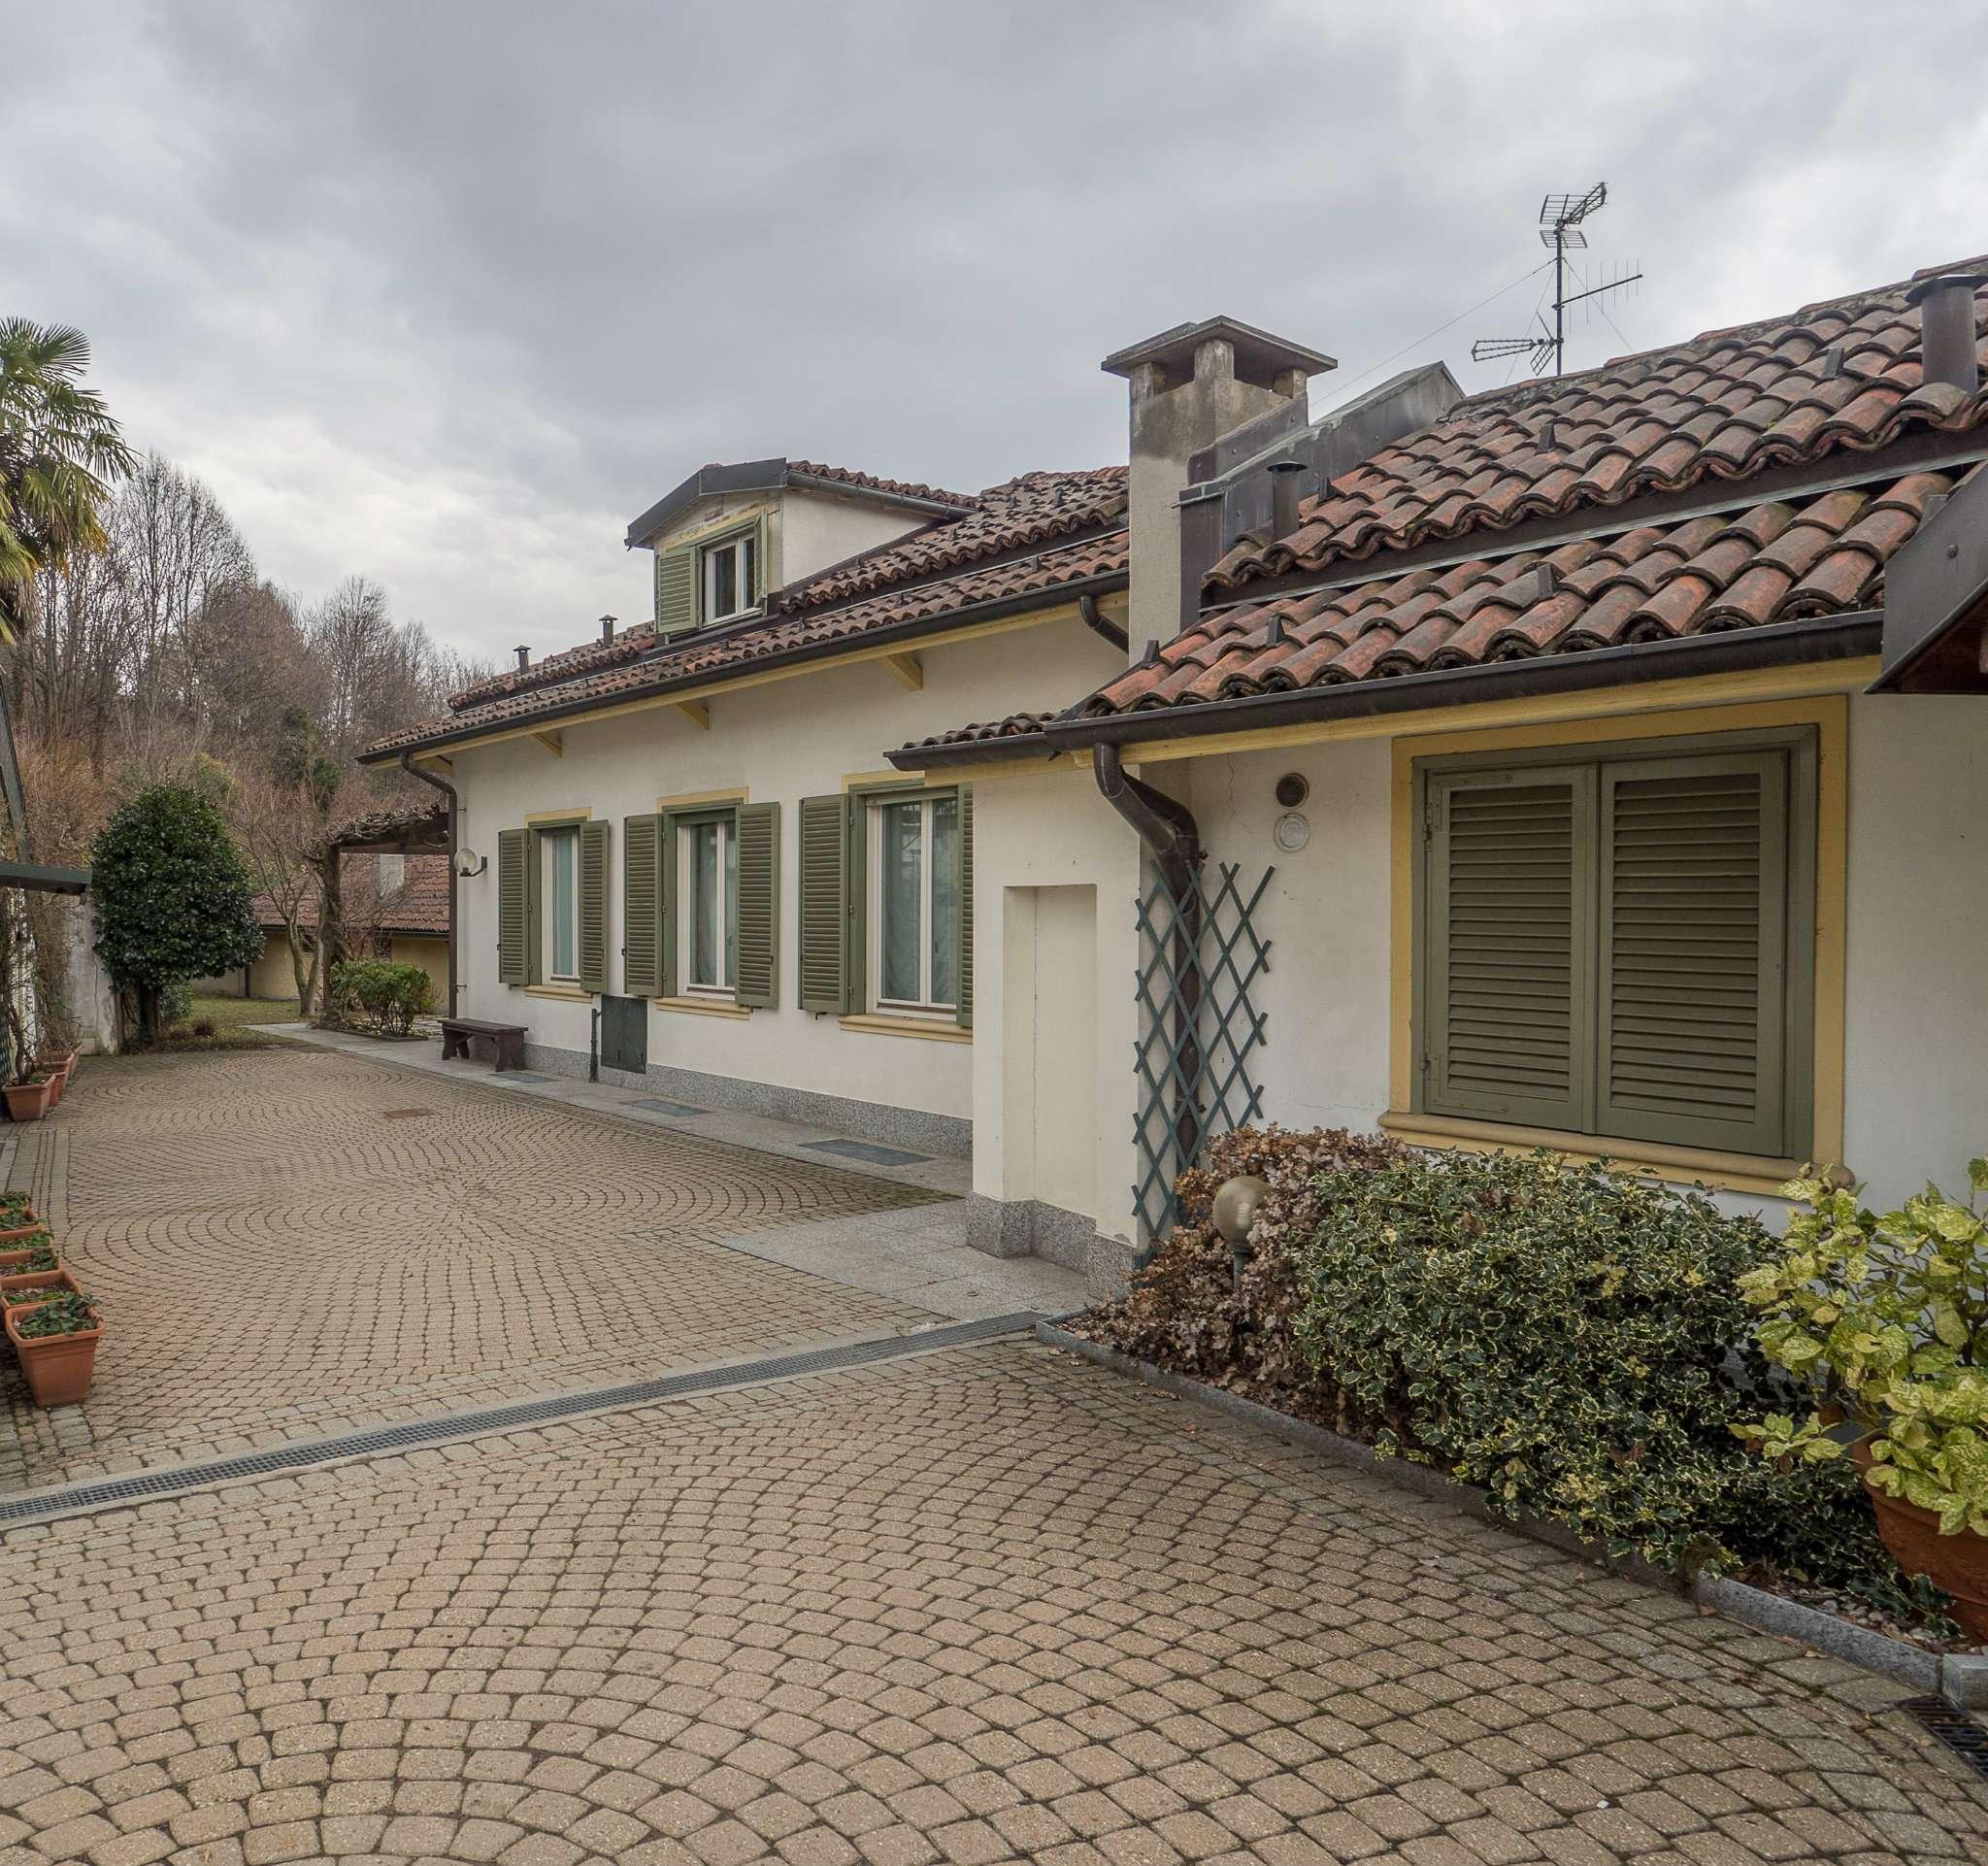 Appartamento con giardino a torino pag 3 - Casa con giardino torino ...